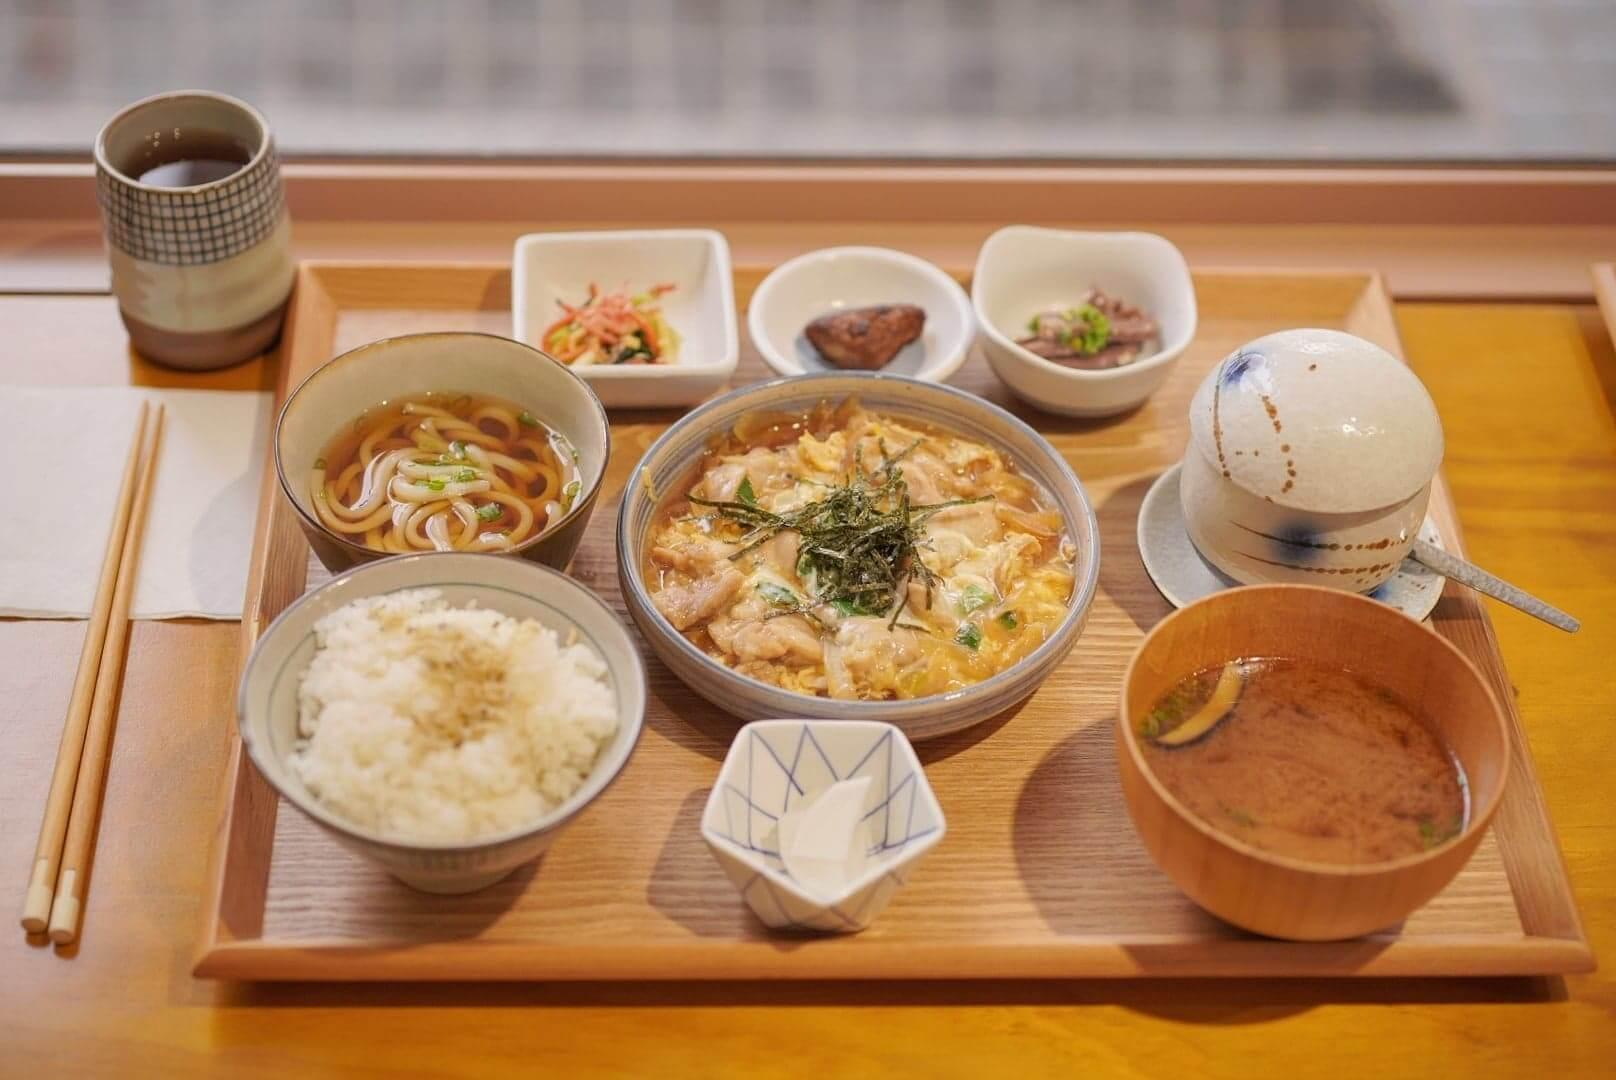 日本家庭常食嘅親子雞!半生熟蛋,加嫩口雞肉,非常好味!